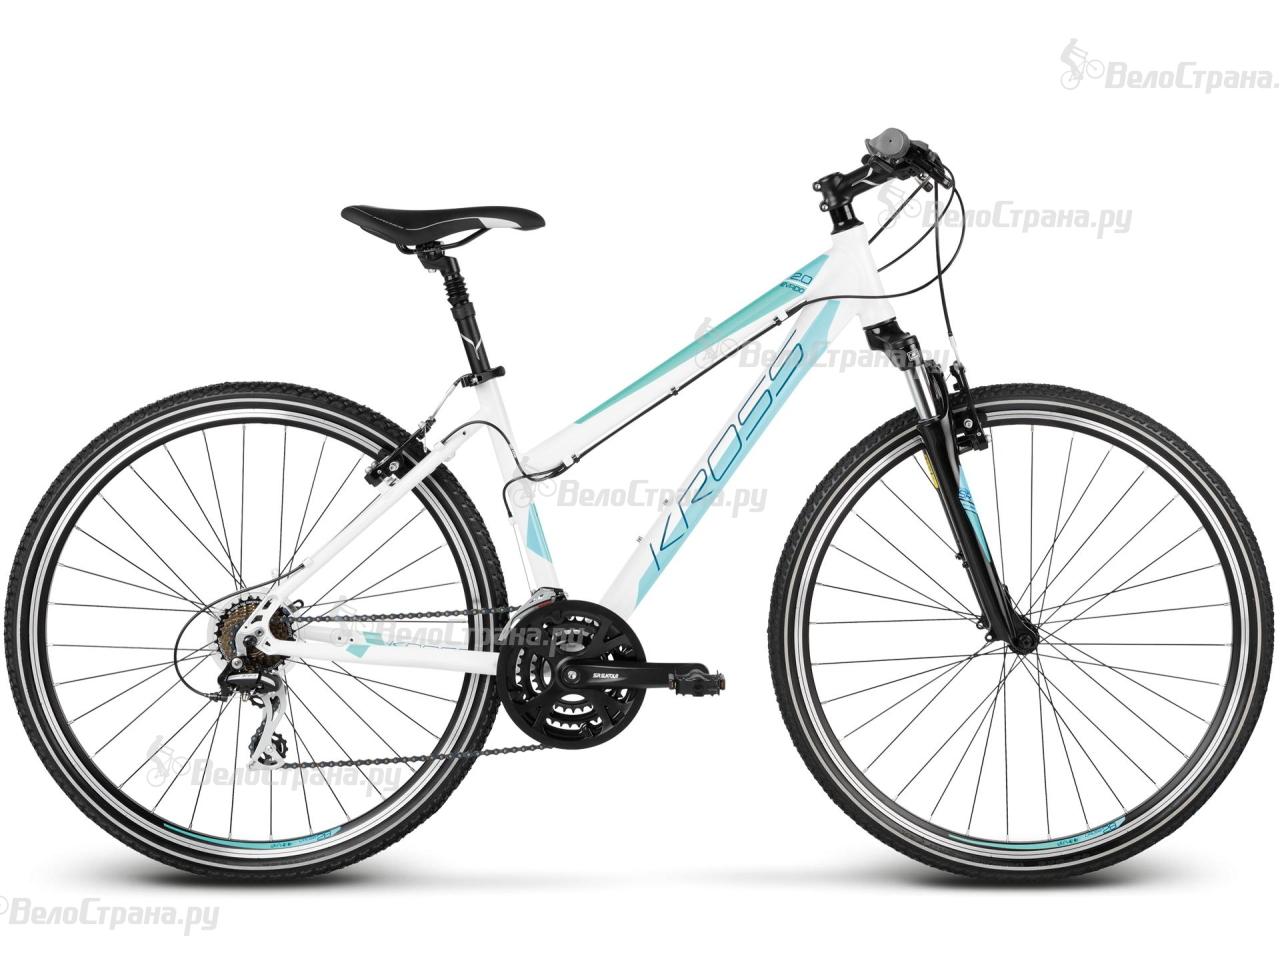 Велосипед Kross Evado 2.0 Lady (2017) велосипед kross evado 1 0 lady 2017